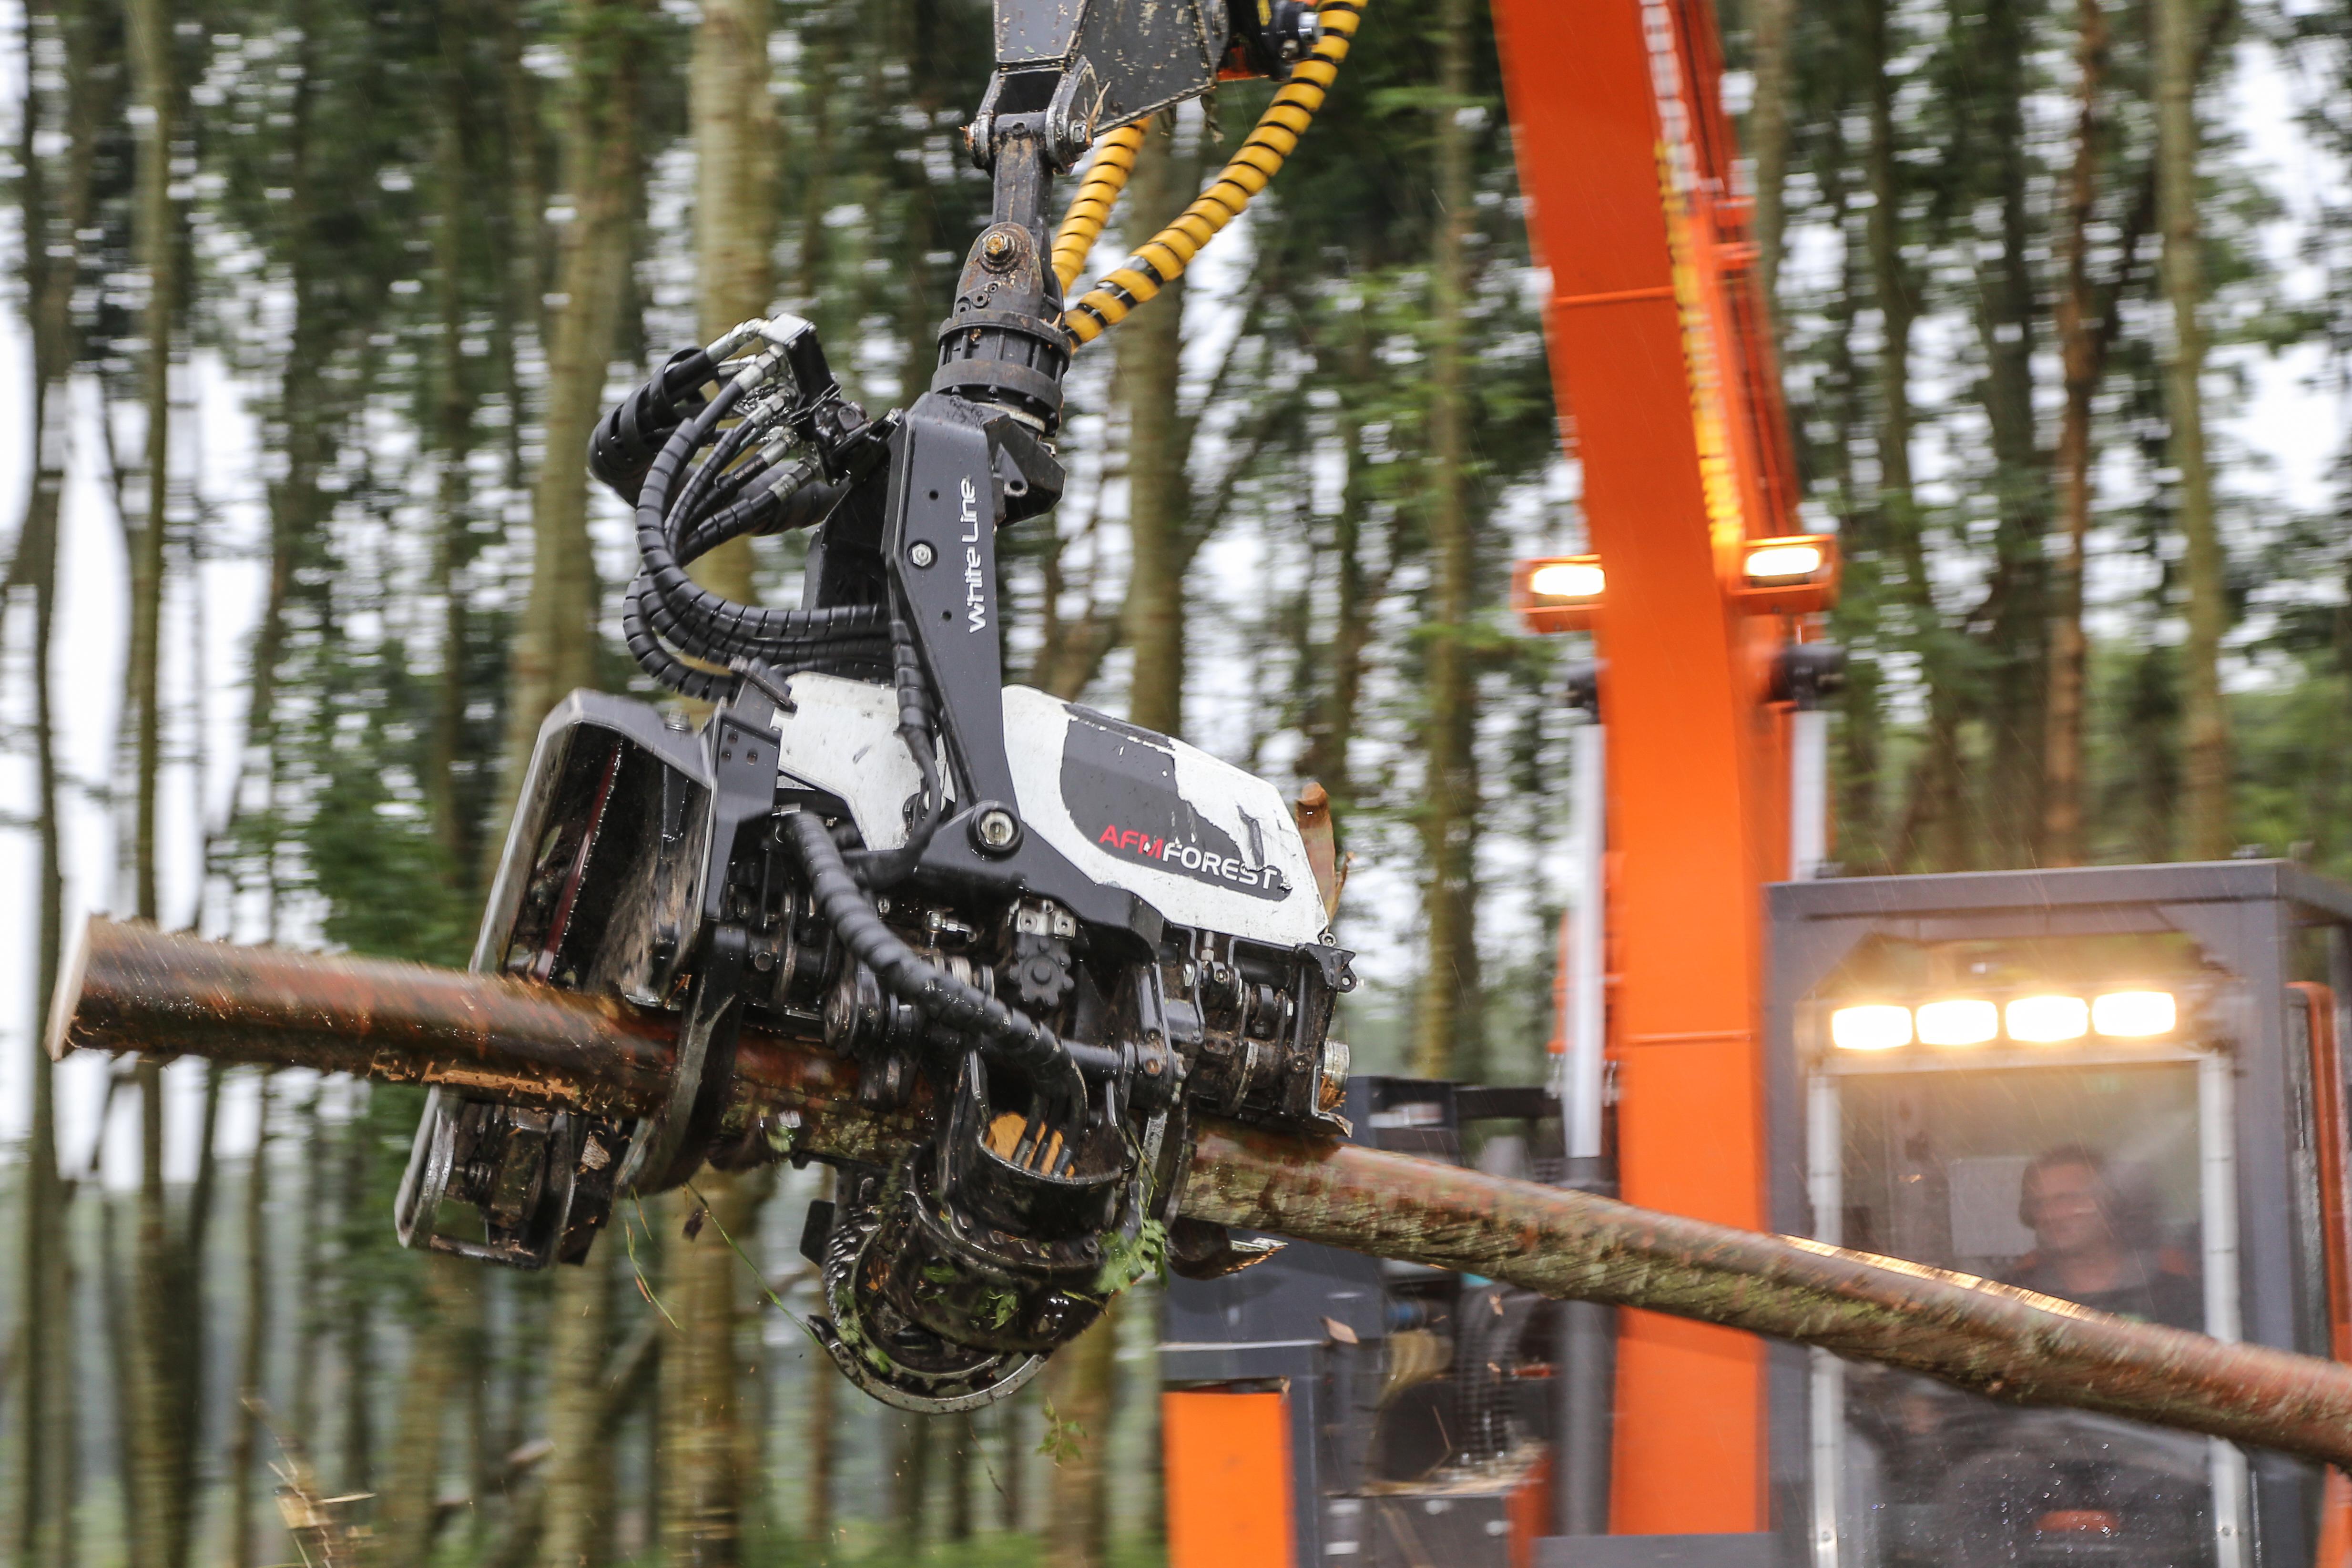 <p>De AFM 45-velkop is volledig computergestuurd. Een volwaardige bosbouwmachine die nu niet aan eenspeciaalbouw&#8216;harvester&#8217; hangt, maar aan een rupsgraafmachine. En dat is bijzonder.</p>